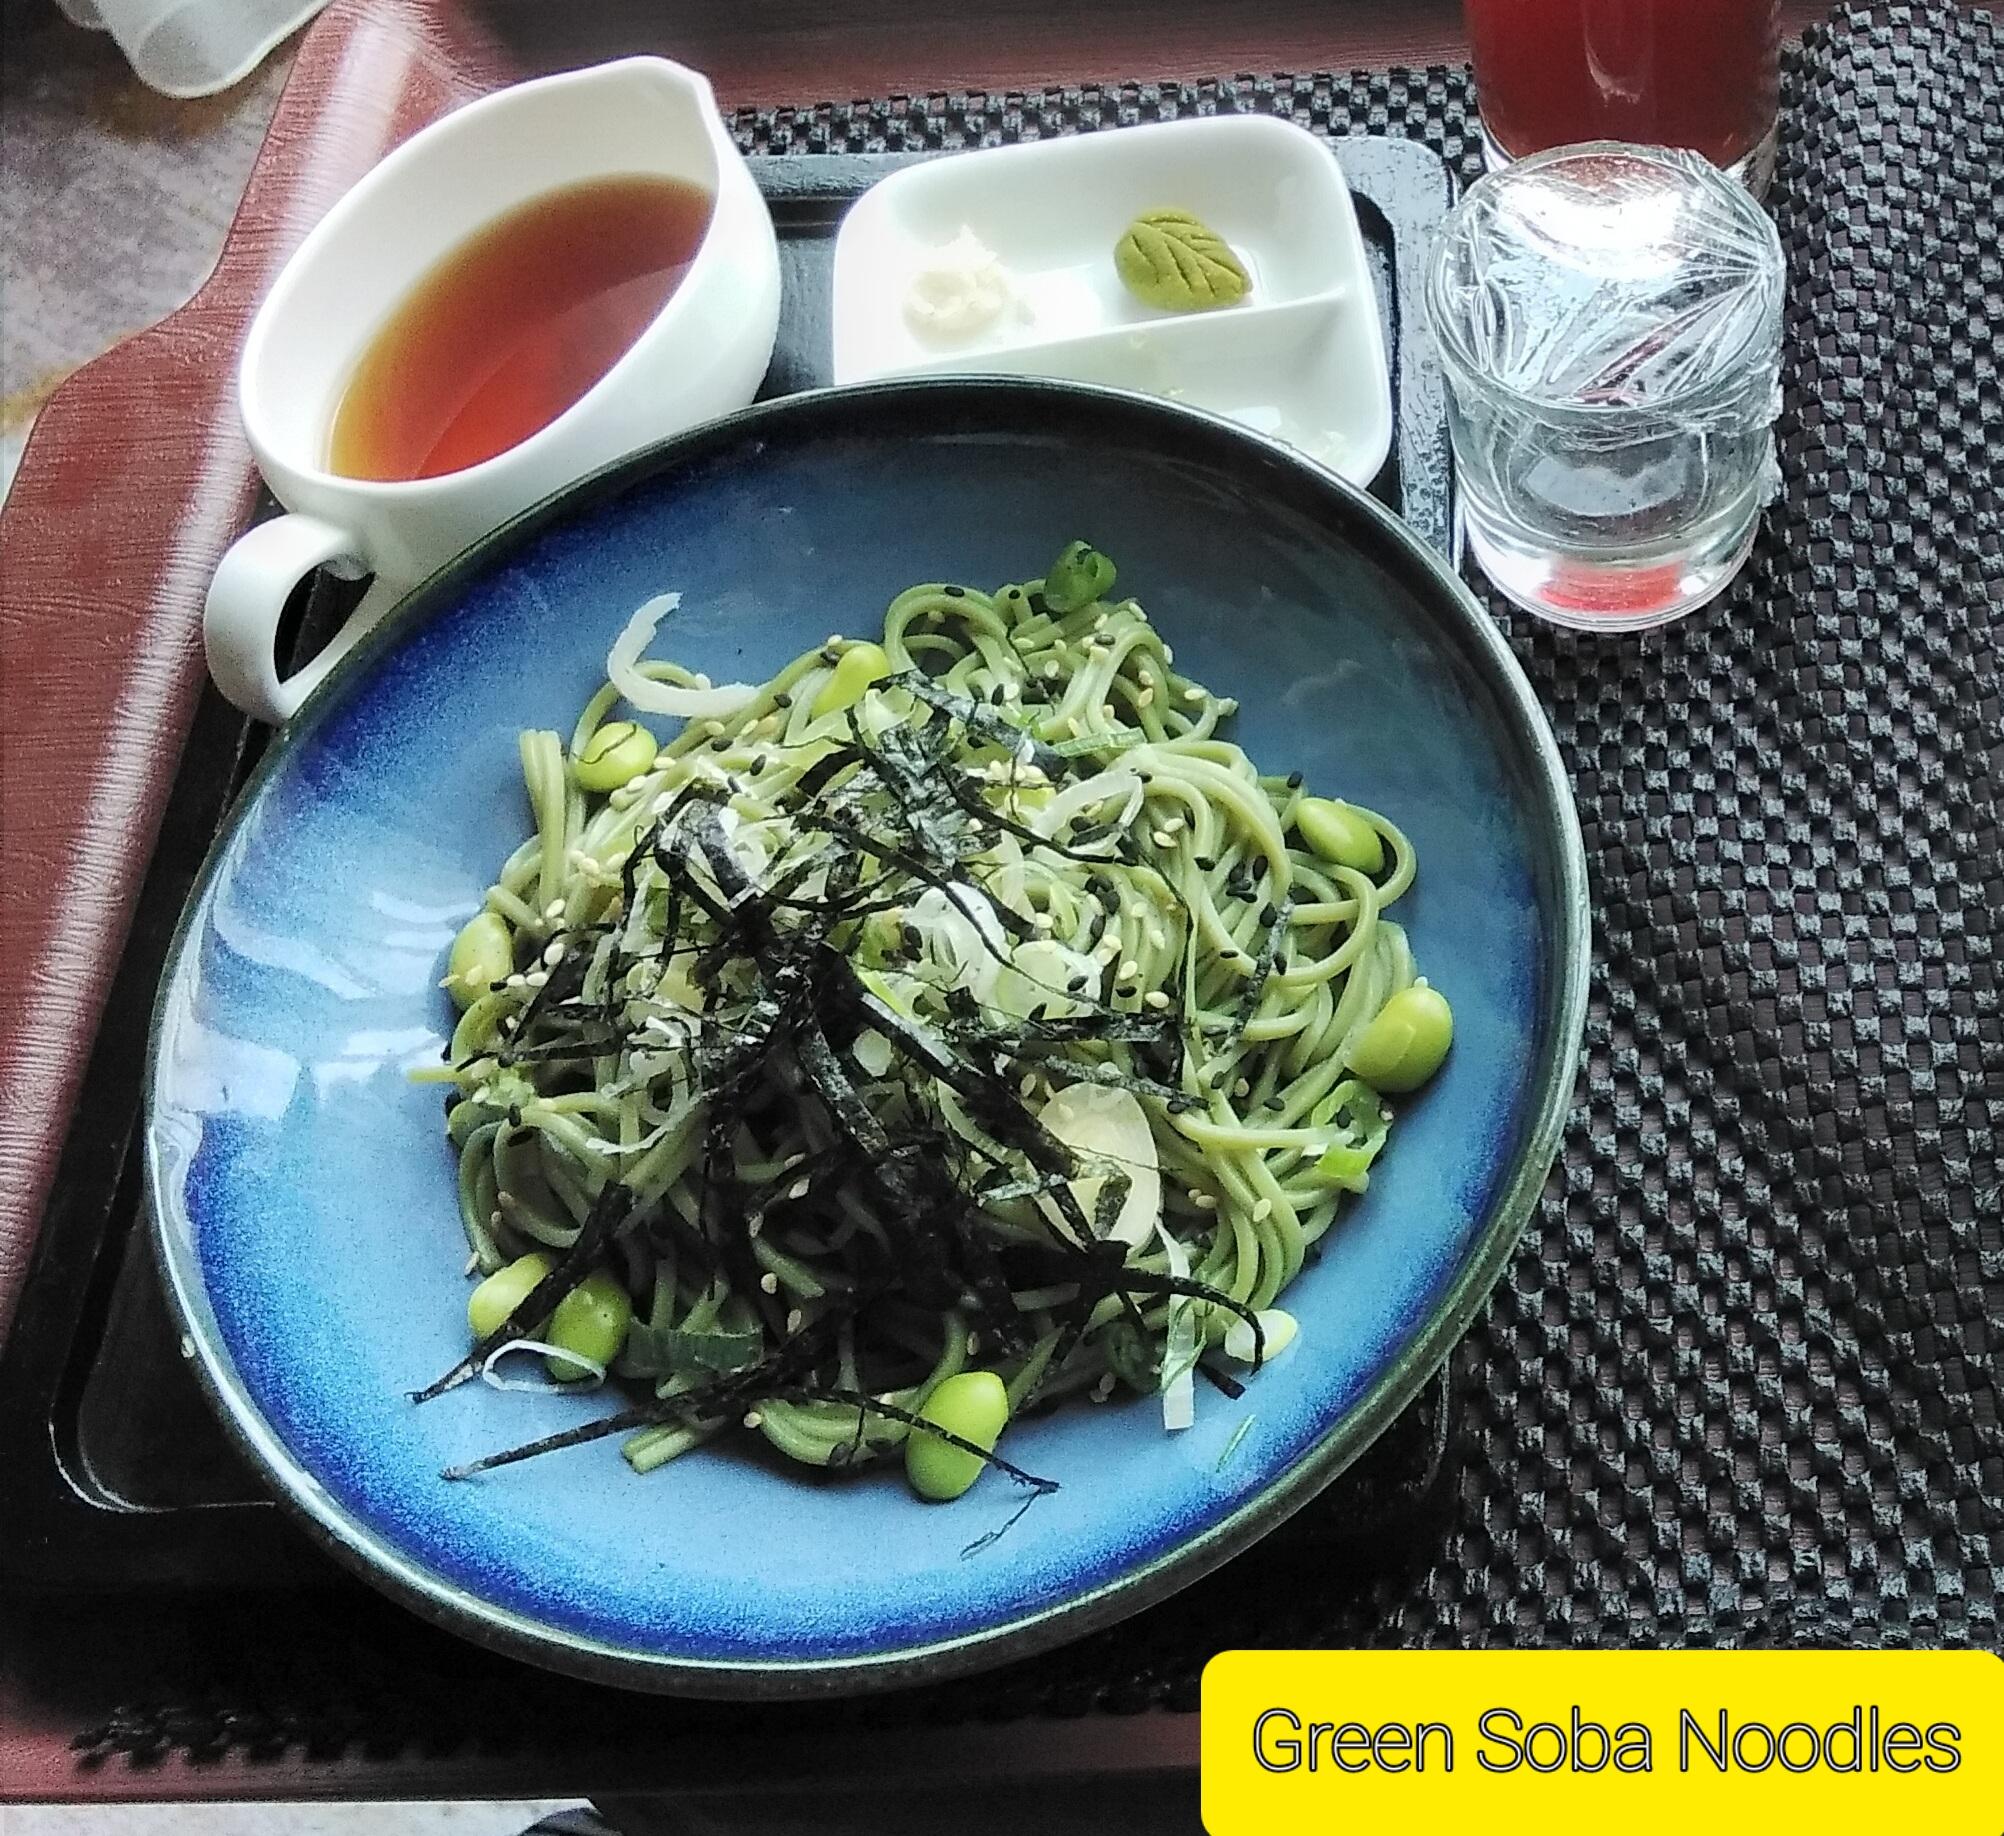 Green Soba Noodles